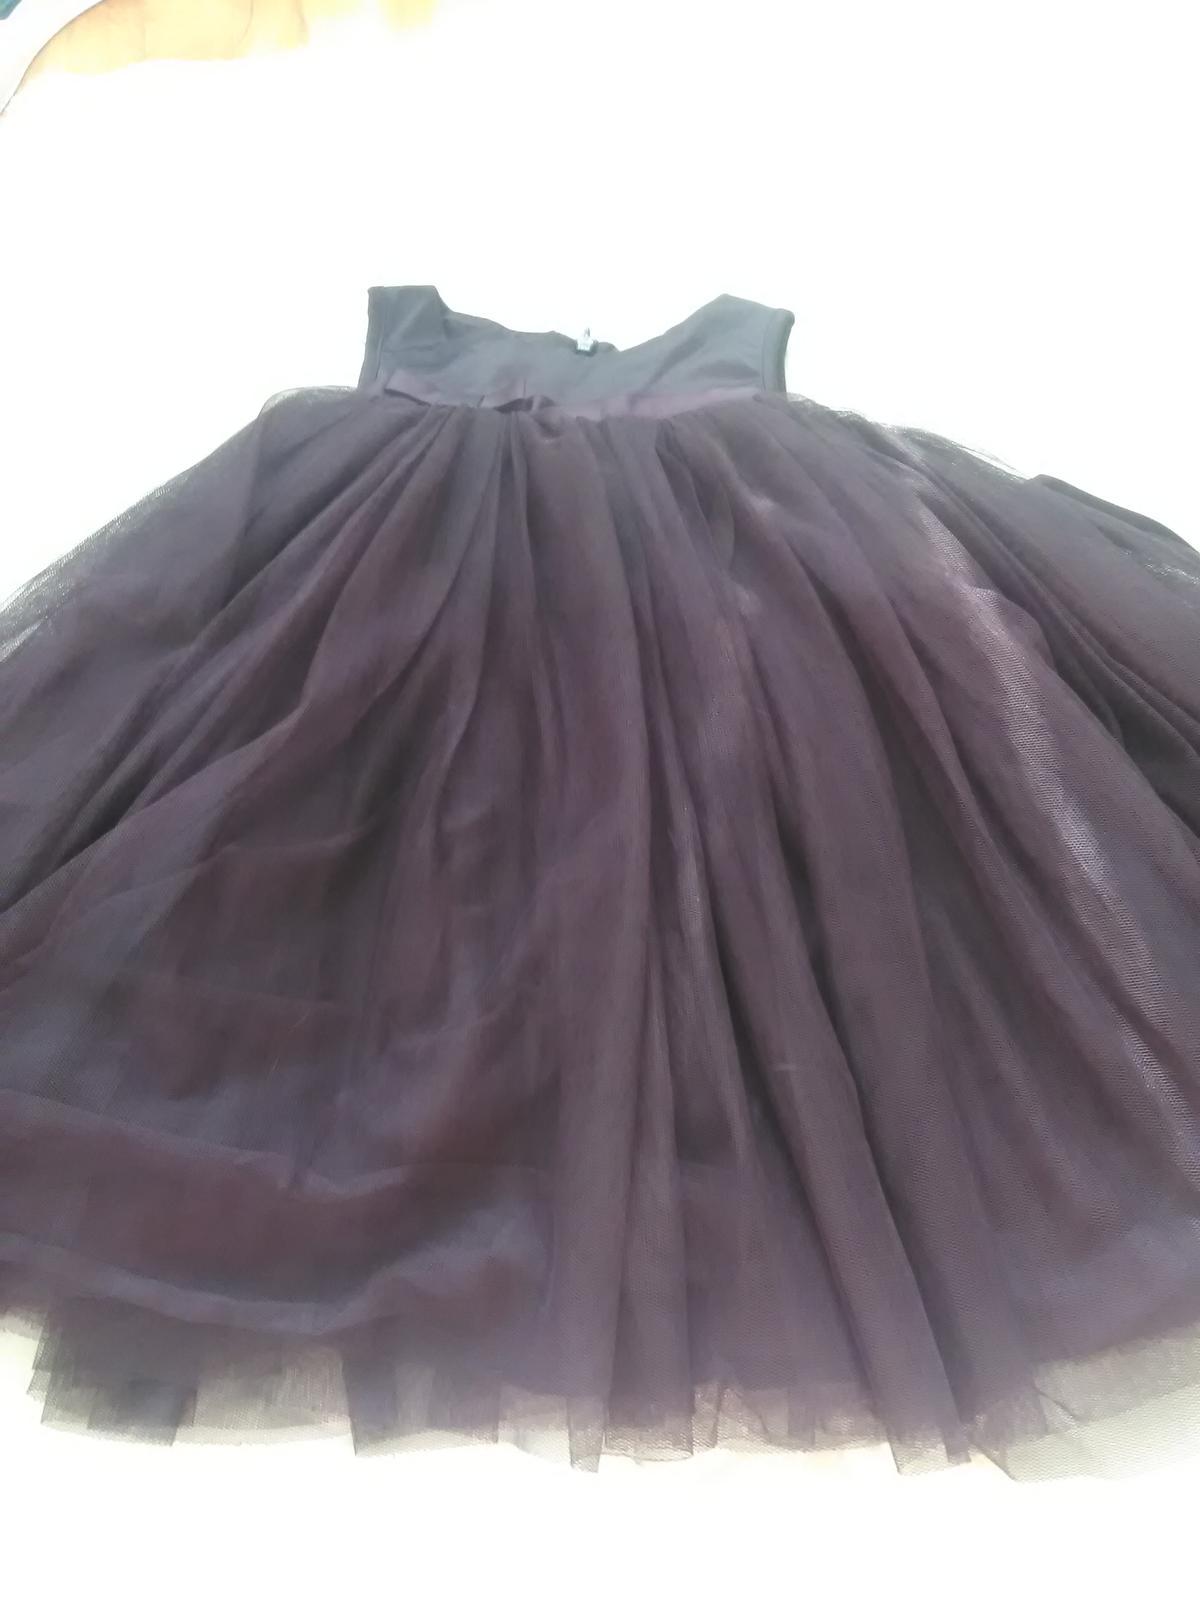 Šaty Pomp de lu - Obrázek č. 3